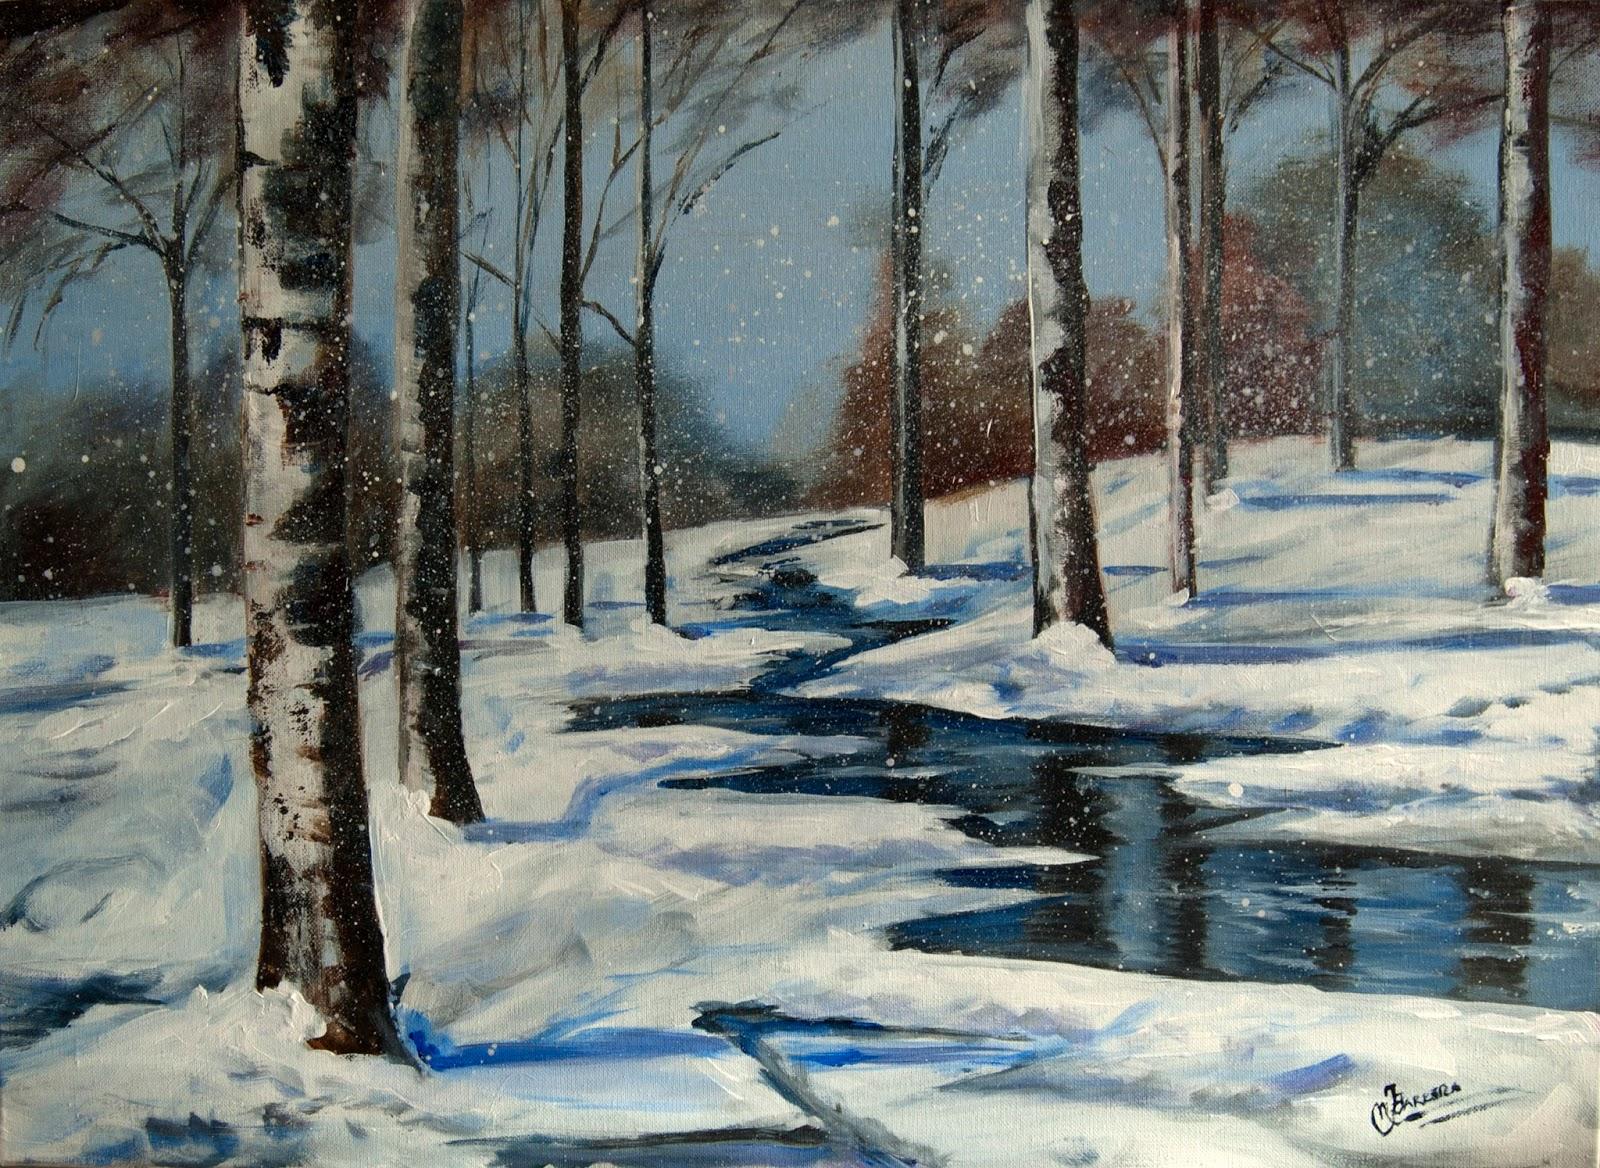 Acuarelas leos y t cnicas mixtas de m jos barrera - Paisajes nevados para pintar ...